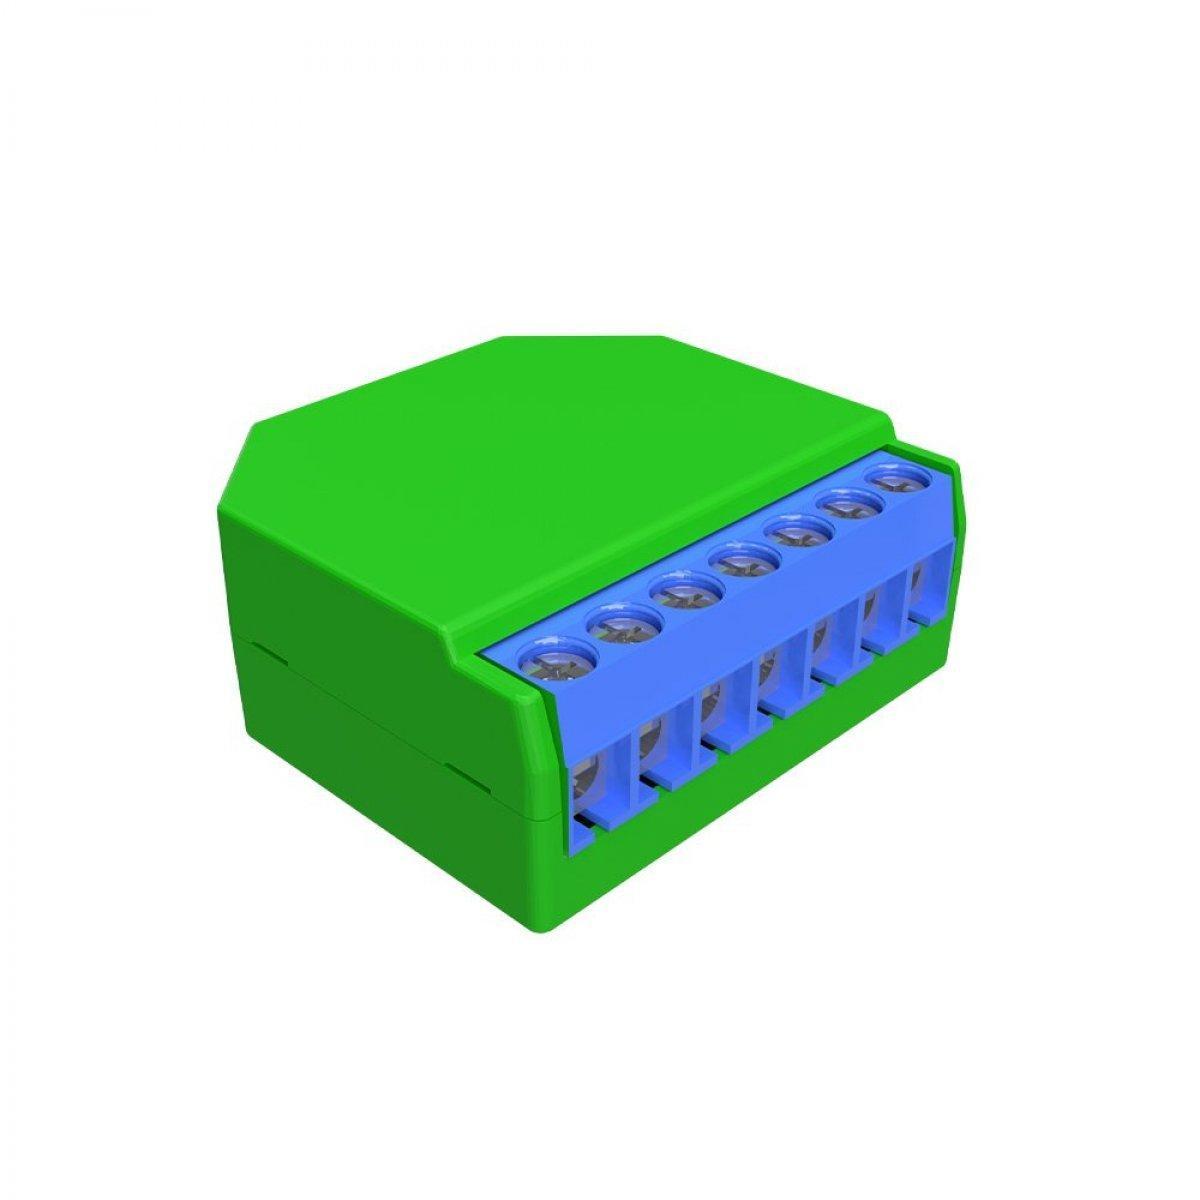 Shelly Wi-Fi WLAN Dimmer 2 auch für LED, Alexa und Google Home geeignet